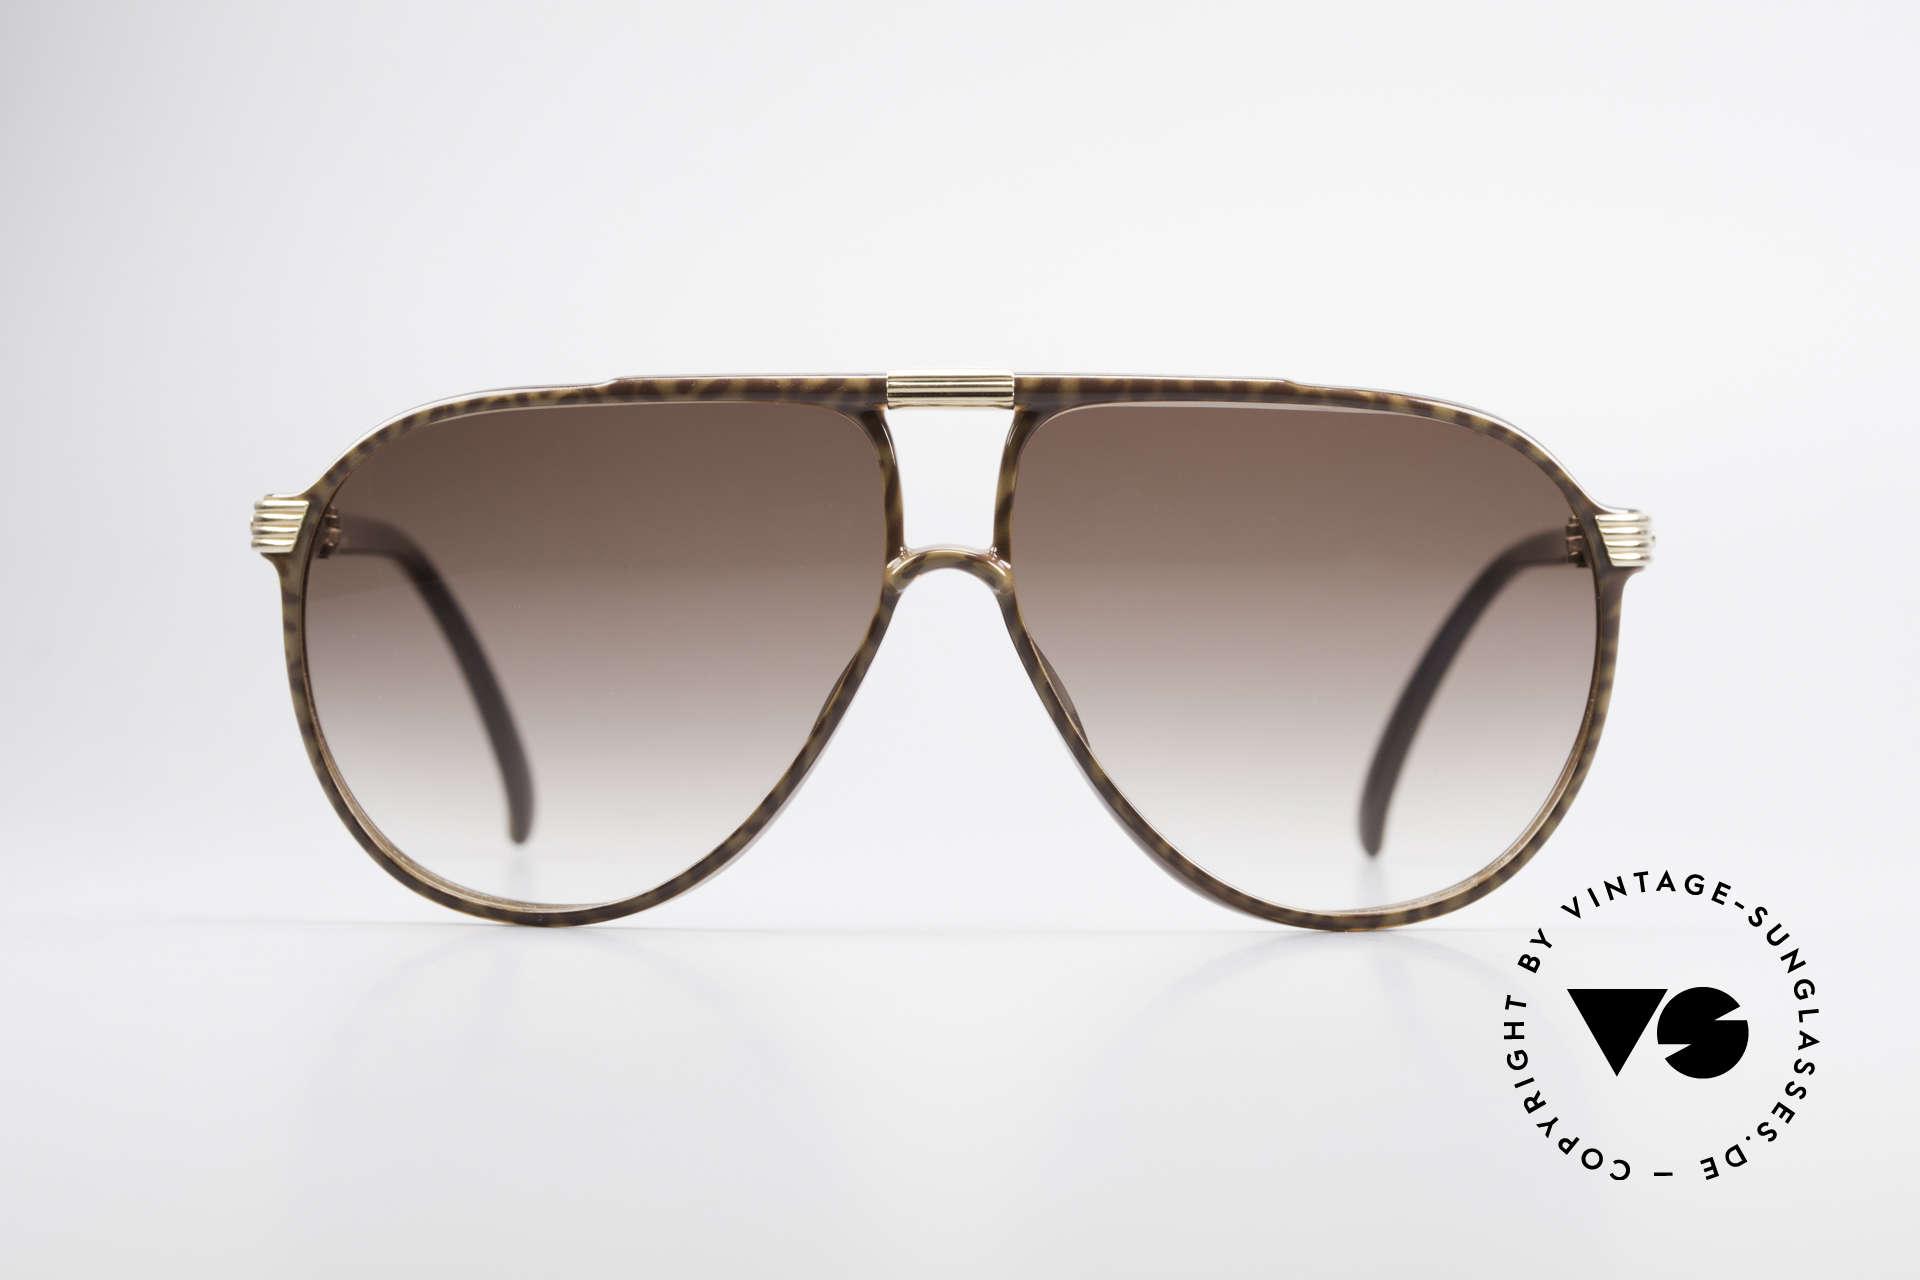 Christian Dior 2300 80er Aviator Sonnenbrille, damalige, klassische Tropfenform oder Pilotenform, Passend für Herren